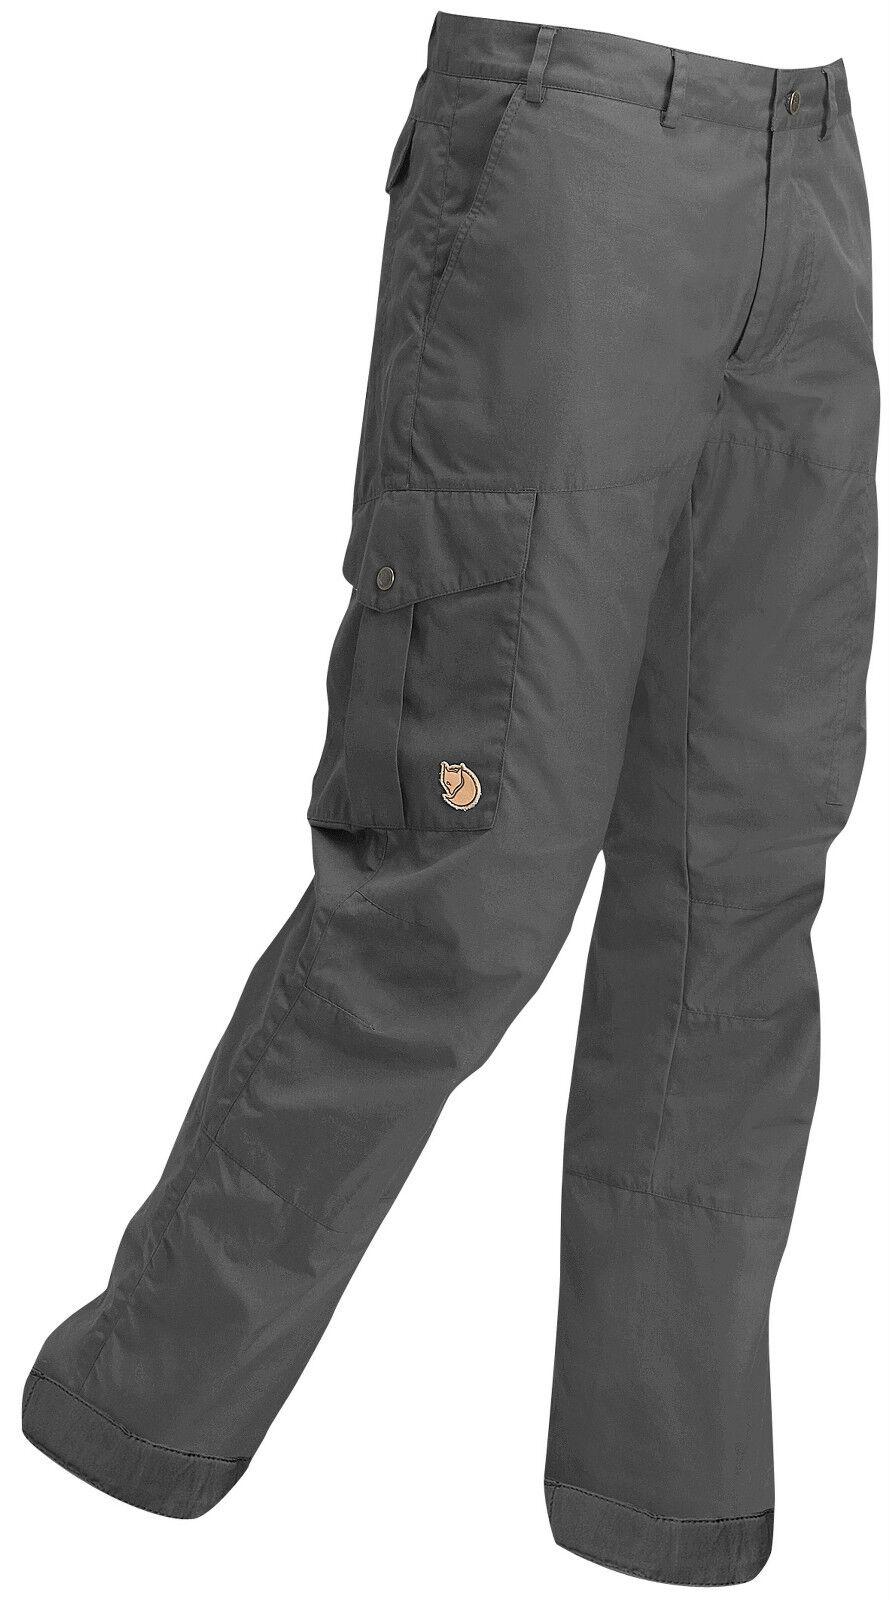 Fjällräven Karl hydratic pantalones 82844 dark gris g-1000 outdoorhose función pantalones